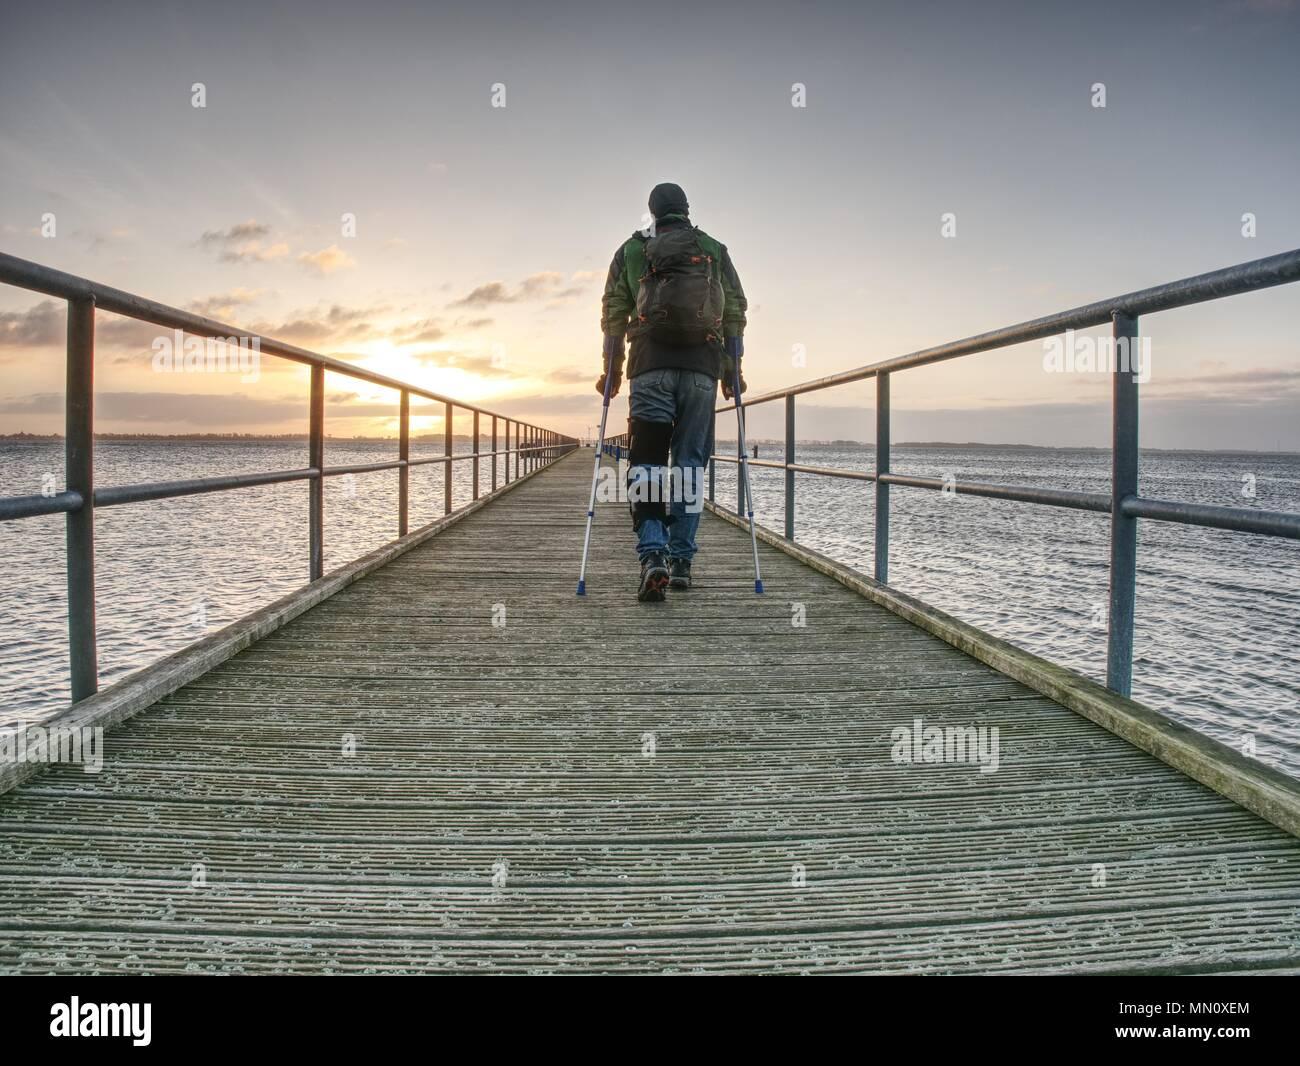 Homme blessé avec veste et l'avant-bras béquilles à tristement dans l'eau de mer. Traveler se tenir sur le pont de la mer au sein matin et de penser. Nostalgie Photo Stock